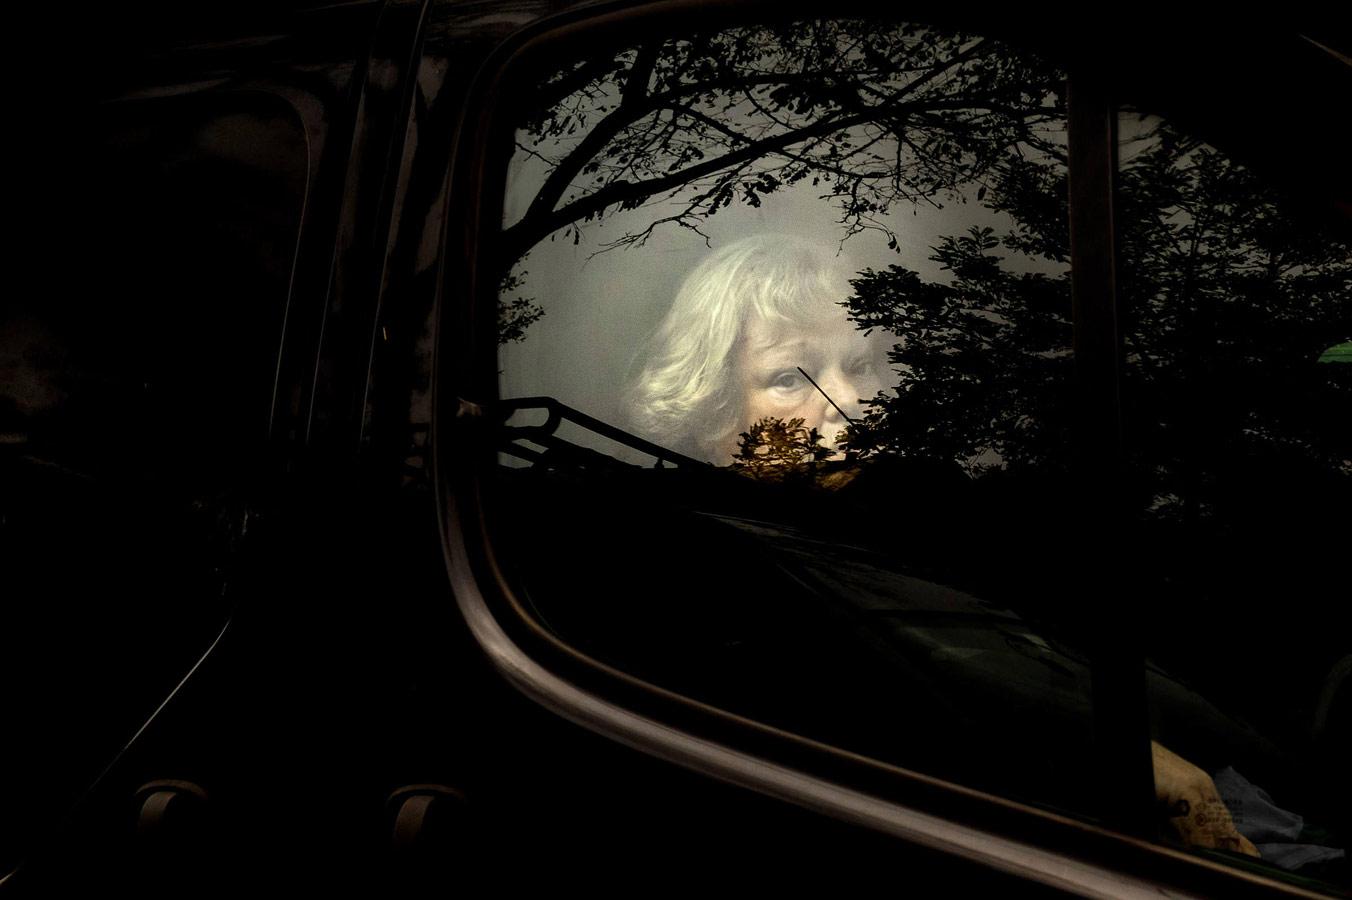 Тема: Уличная фотография, февраль 2018, © Камилла Феррари, Фотоконкурс «Независимый фотограф» — The Independent Photographer